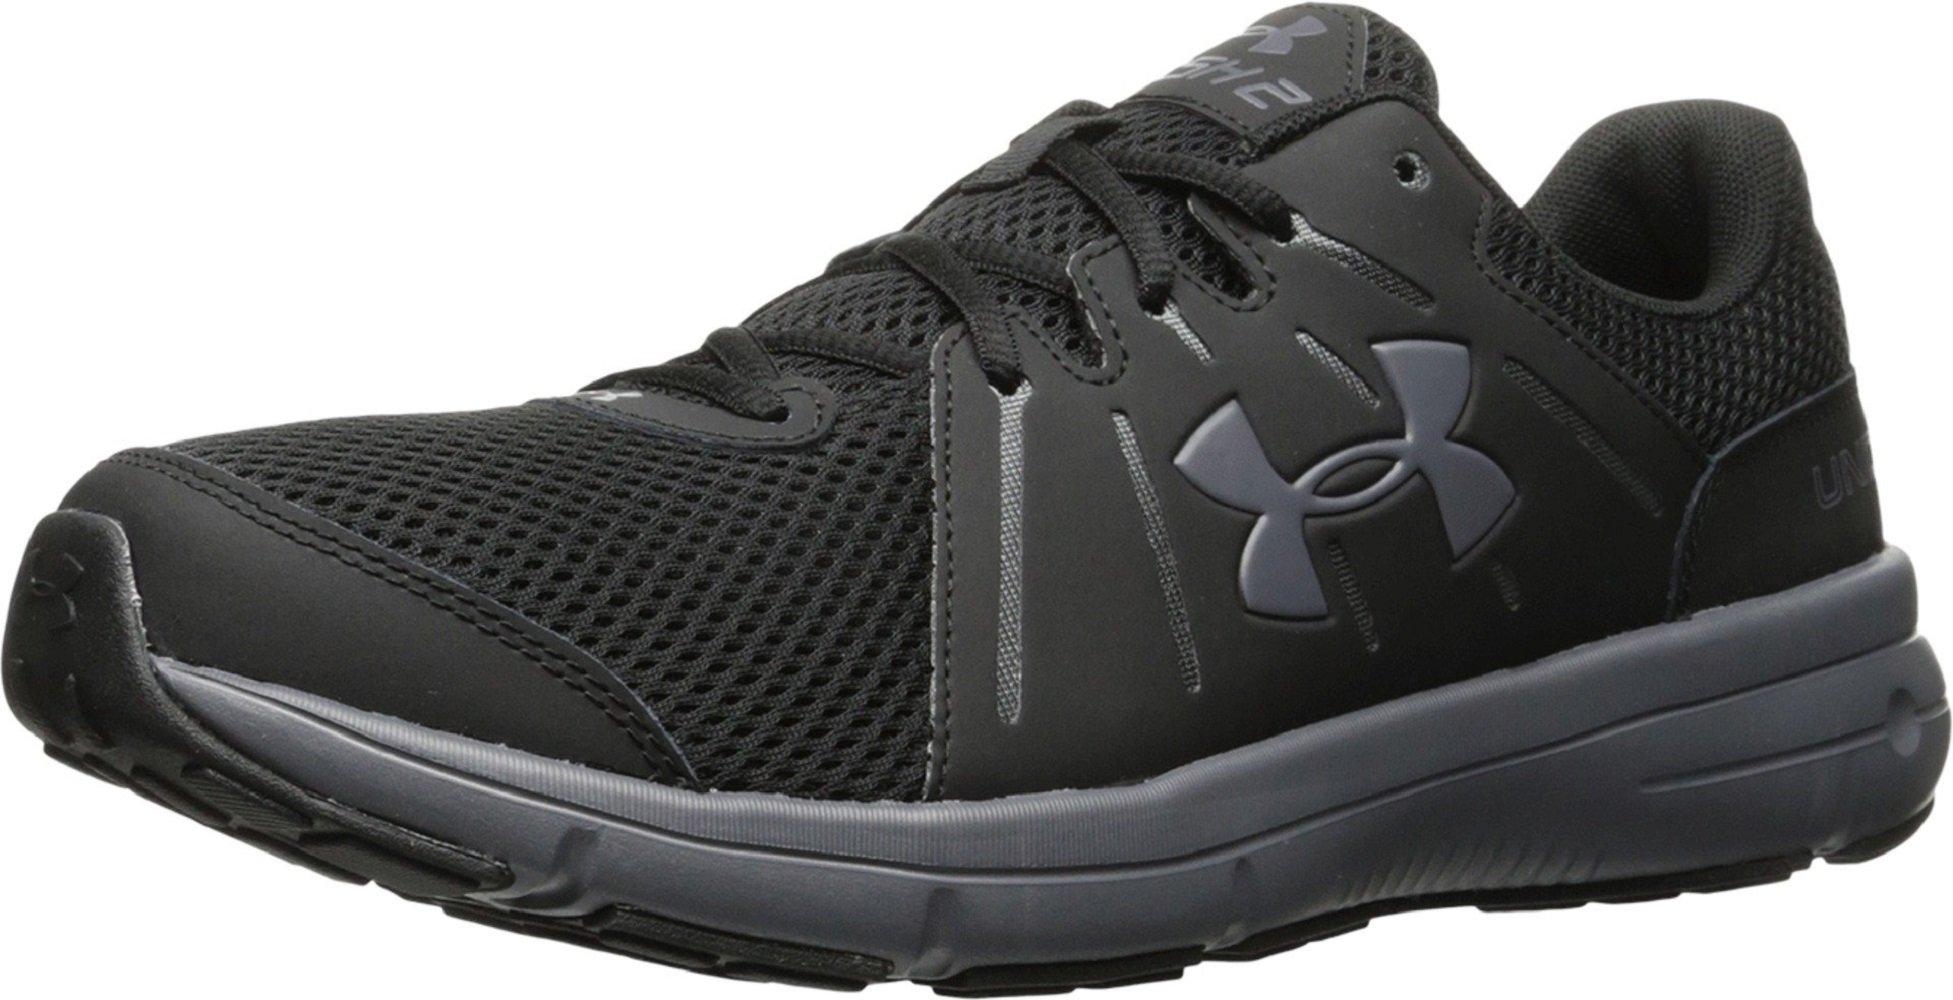 Under Armour Mens UA Dash RN 2 Black/Rhino Gray/Rhino Gray Athletic Shoe (10.5 4E - Extra Wide)